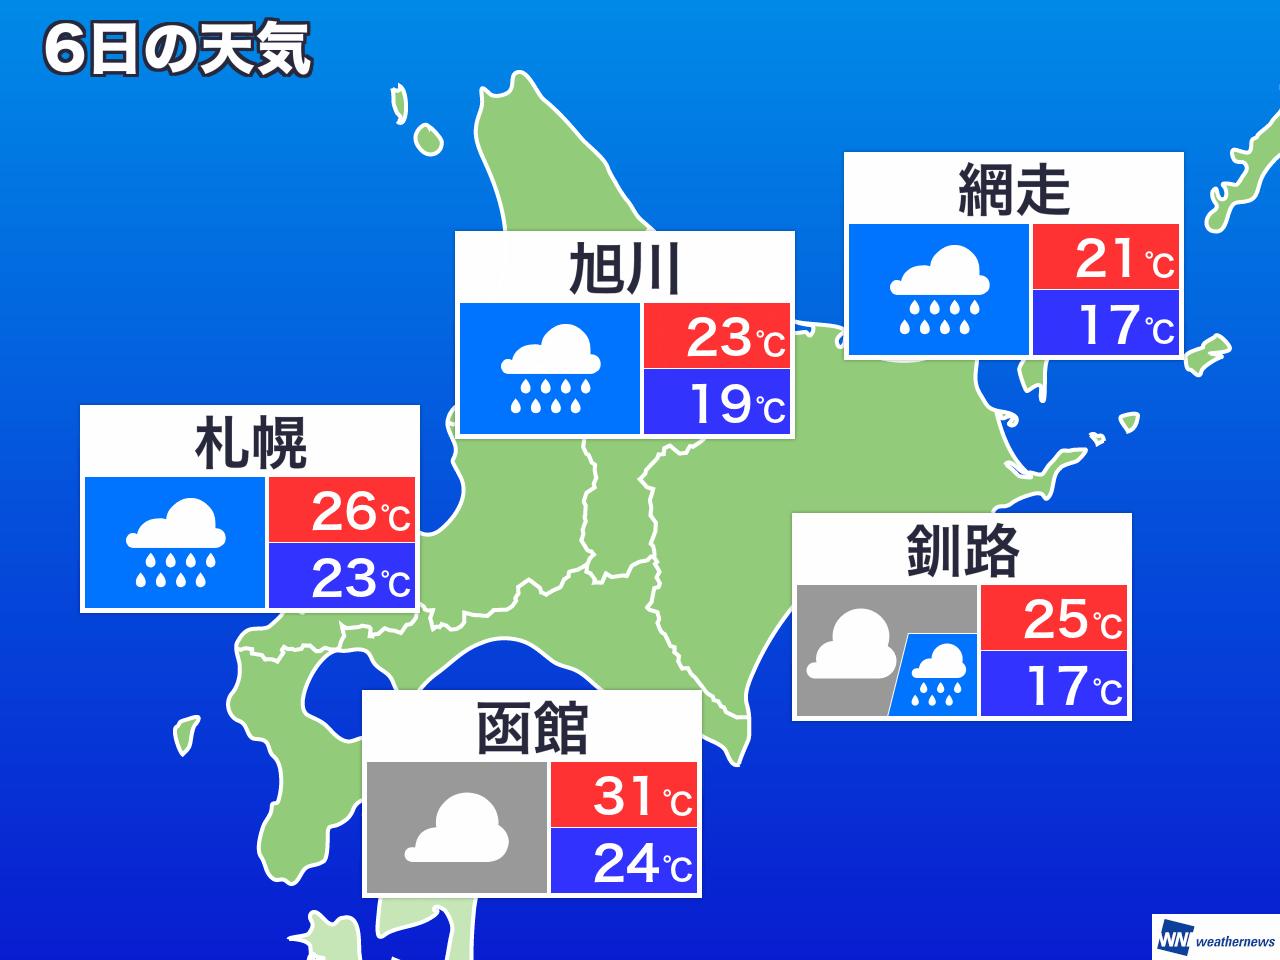 明日 天気 釧路